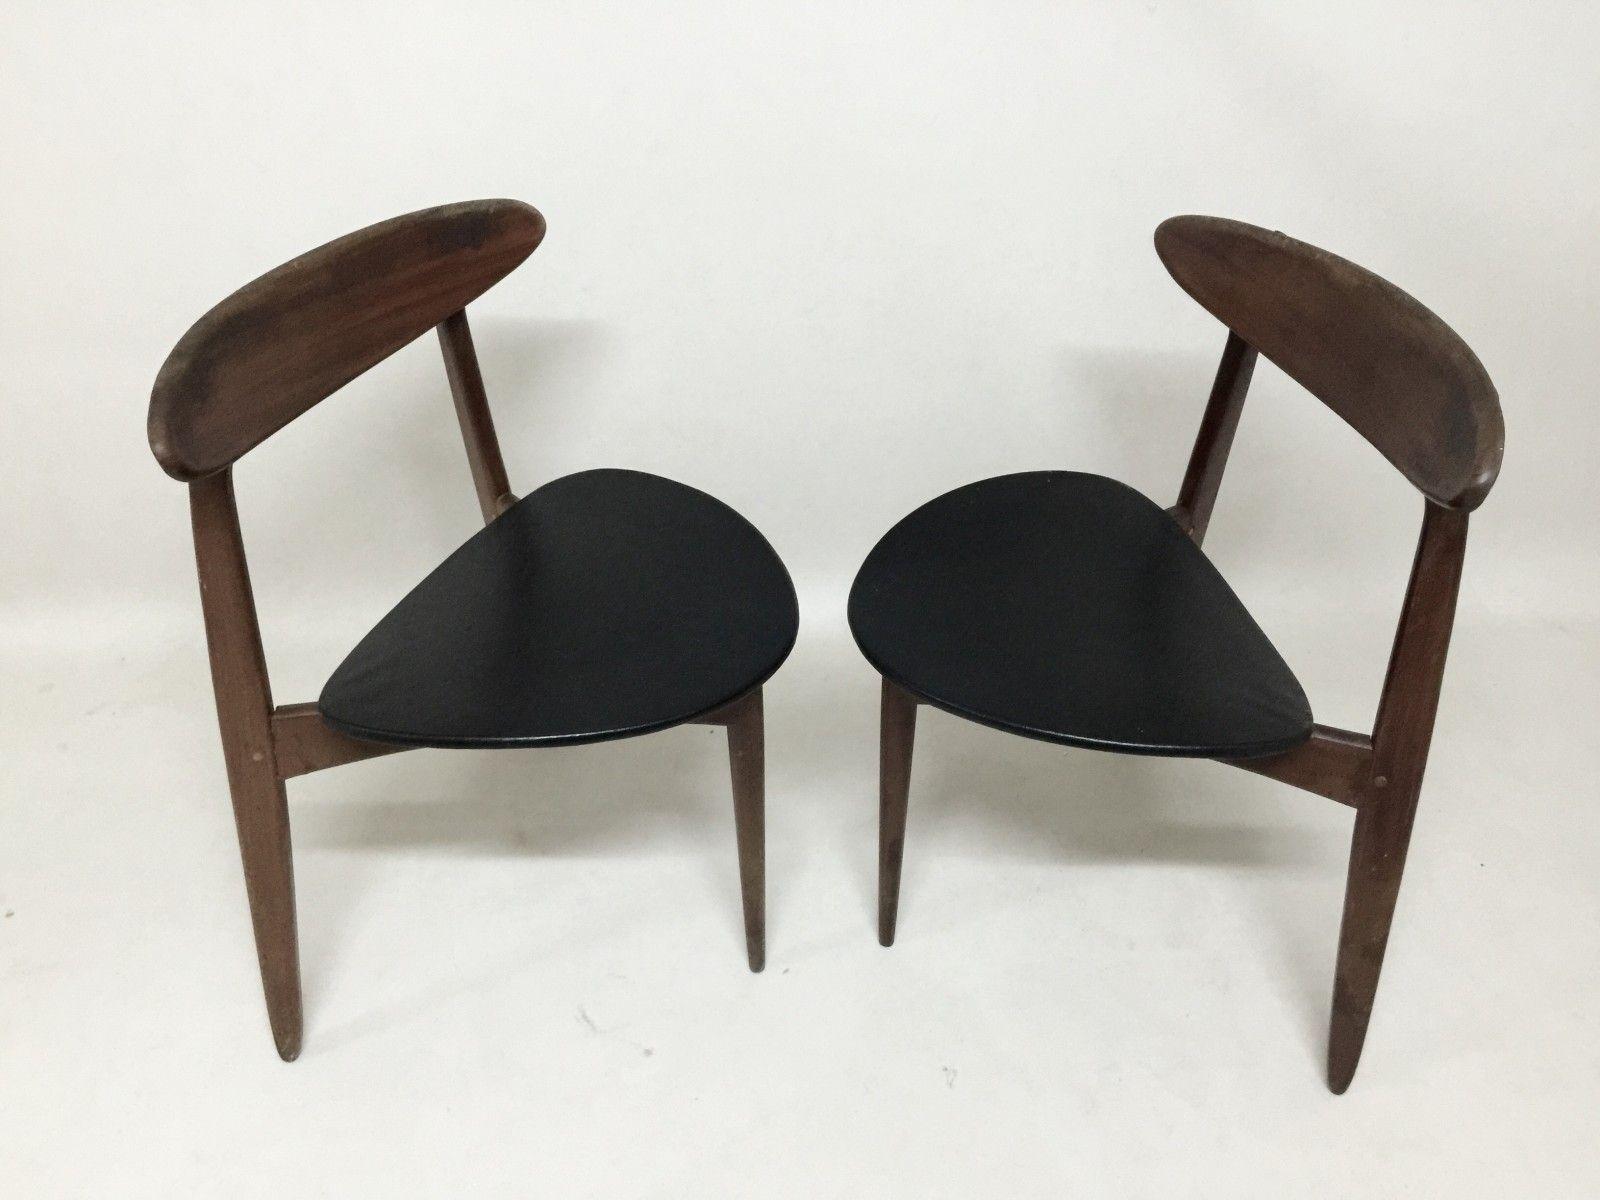 Vintage Danish Three Legged Chairs Set Of 2 5 Vintage Office